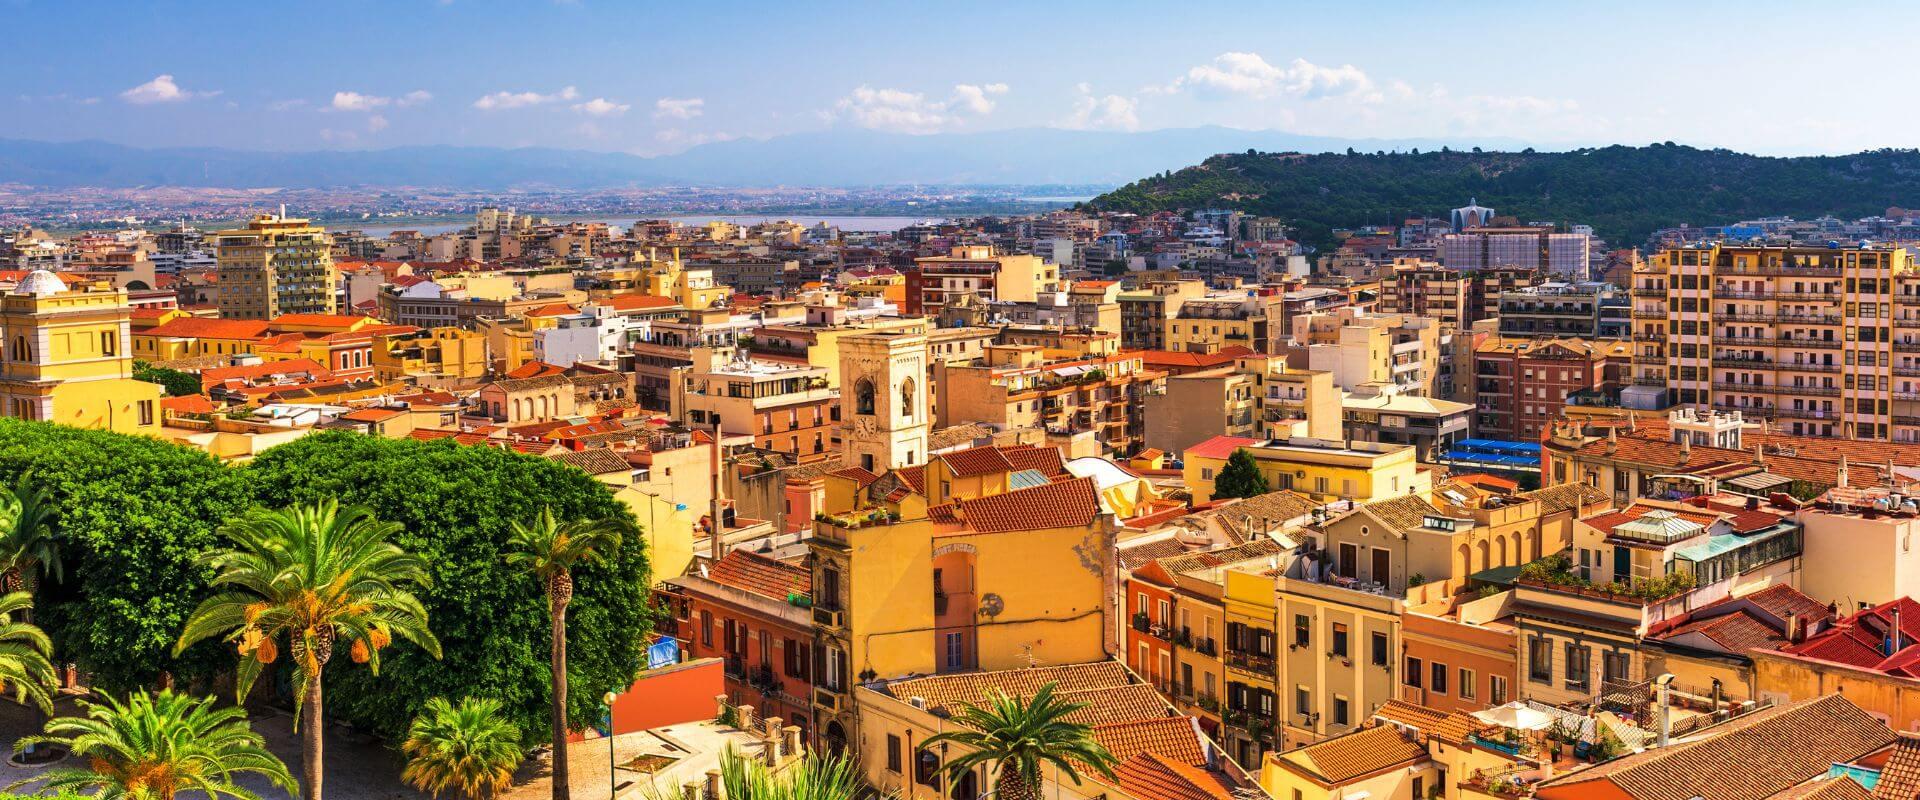 Städtereise nach Cagliari